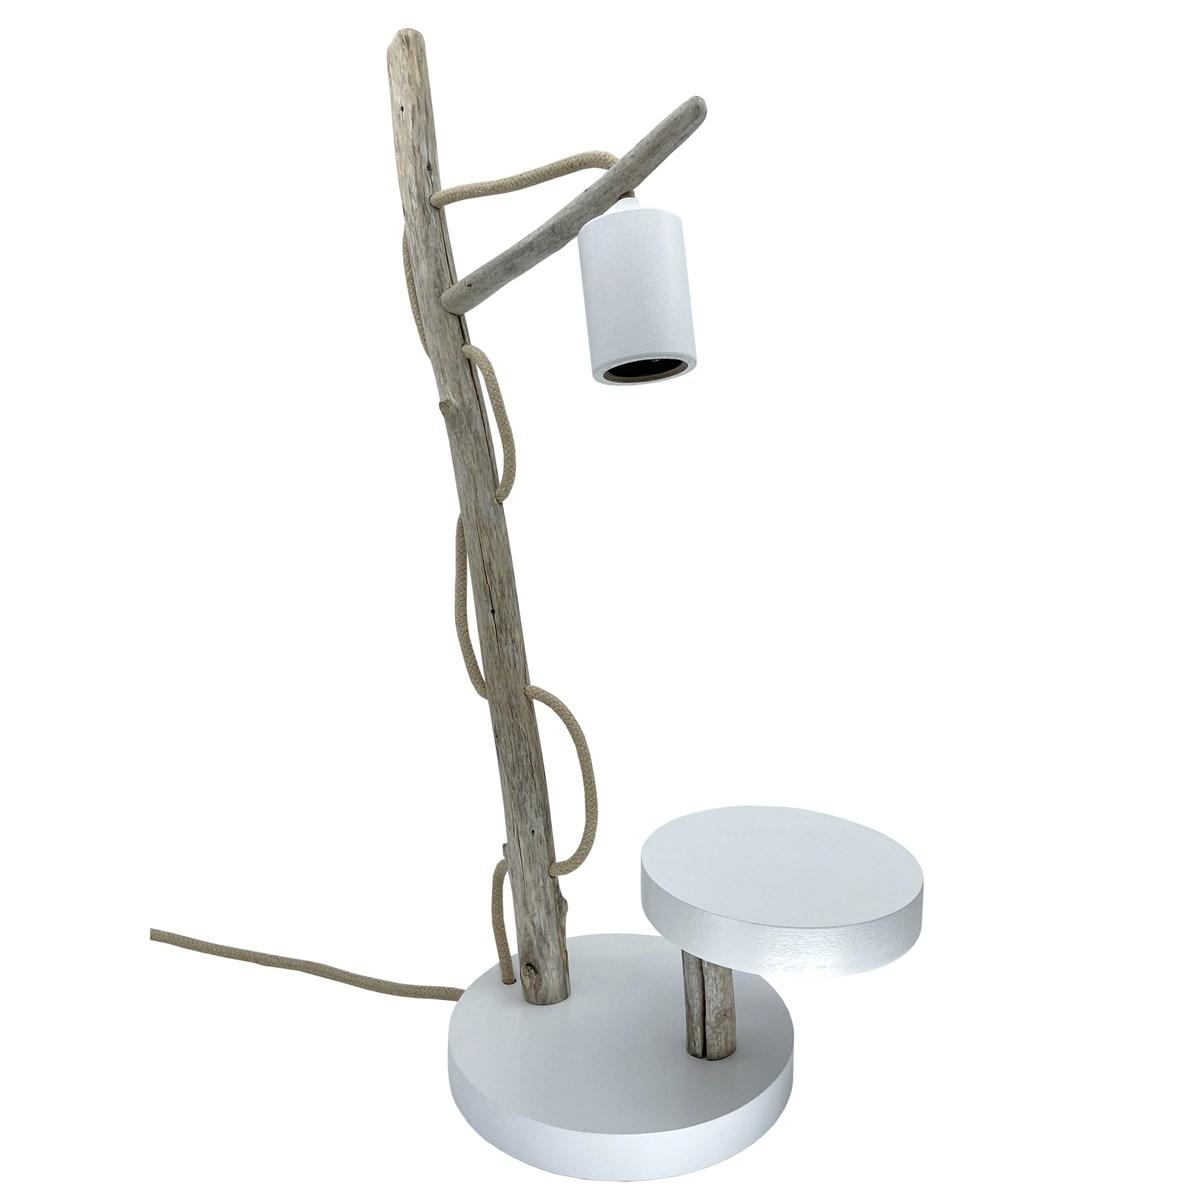 Lampe à poser en bois recyclé blanc